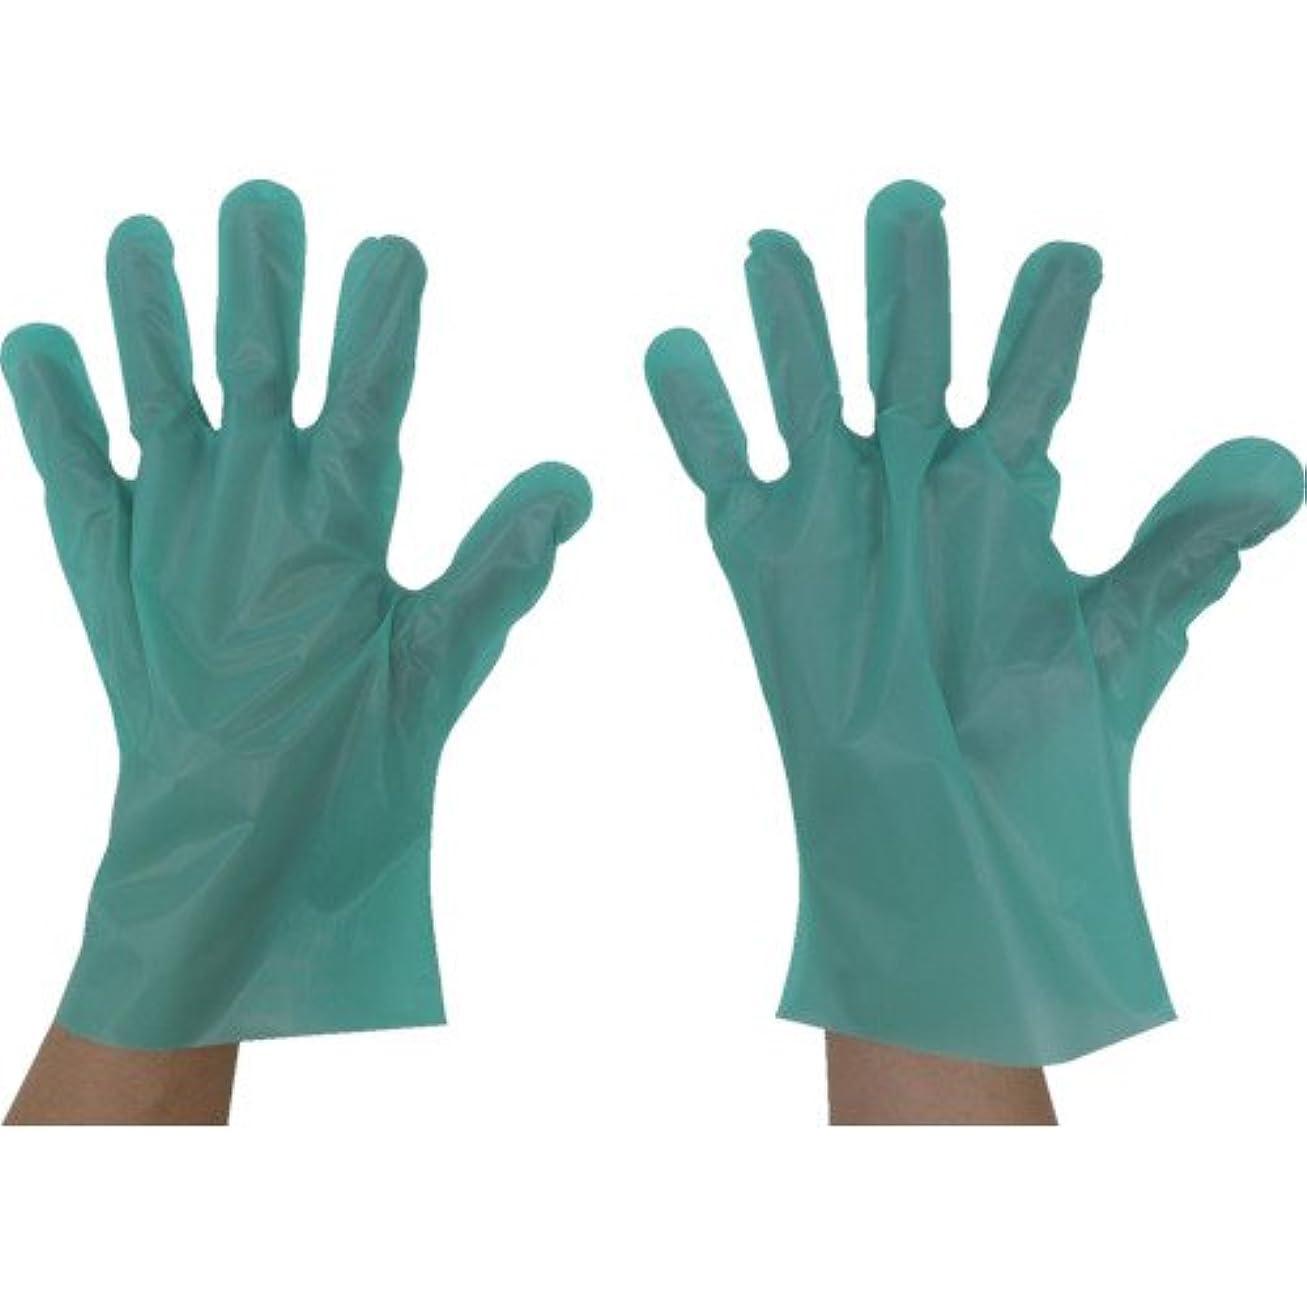 現れるアマゾンジャングル問い合わせ東京パック エンボス手袋五本絞りエコノミー化粧箱L グリーン(入数:200枚) GEK-L